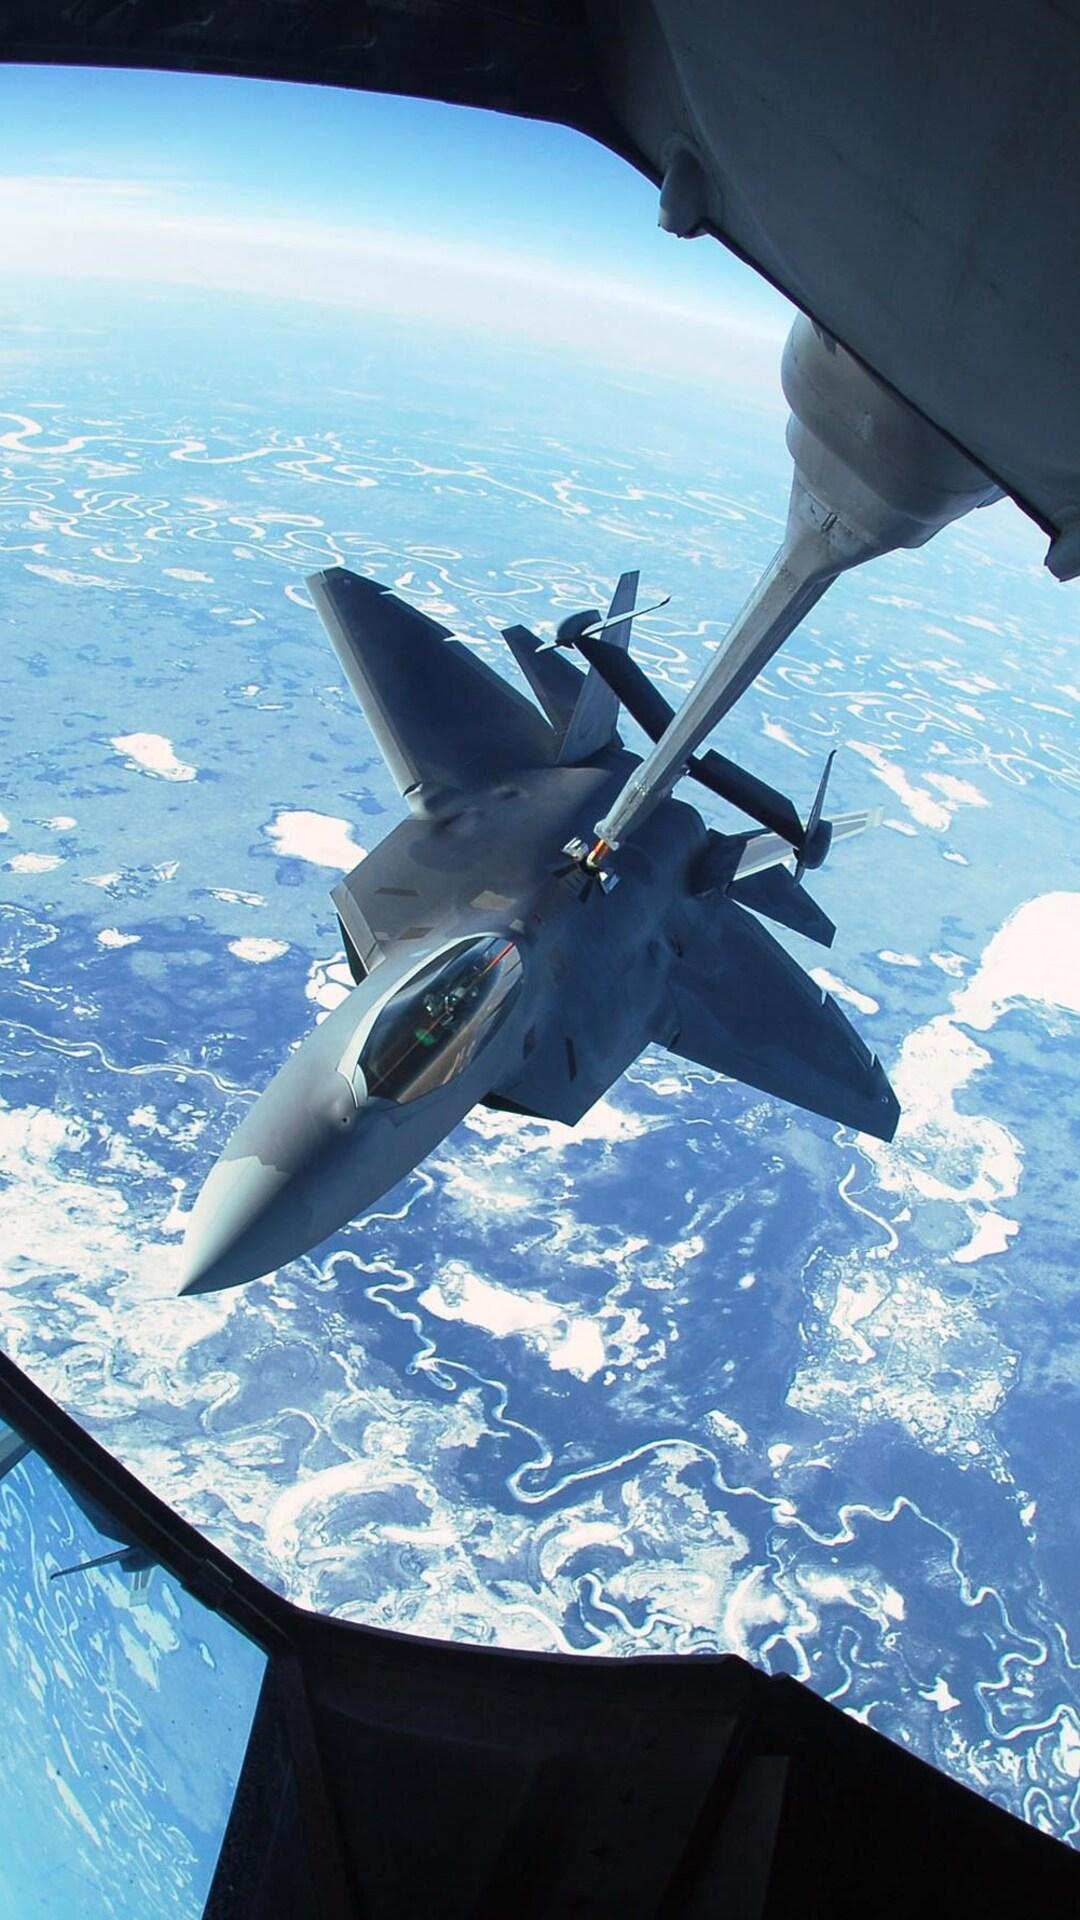 21x21 Lockheed Martin F 21 Raptor Iphone 21,21s,21 Plus, Pixel xl ...